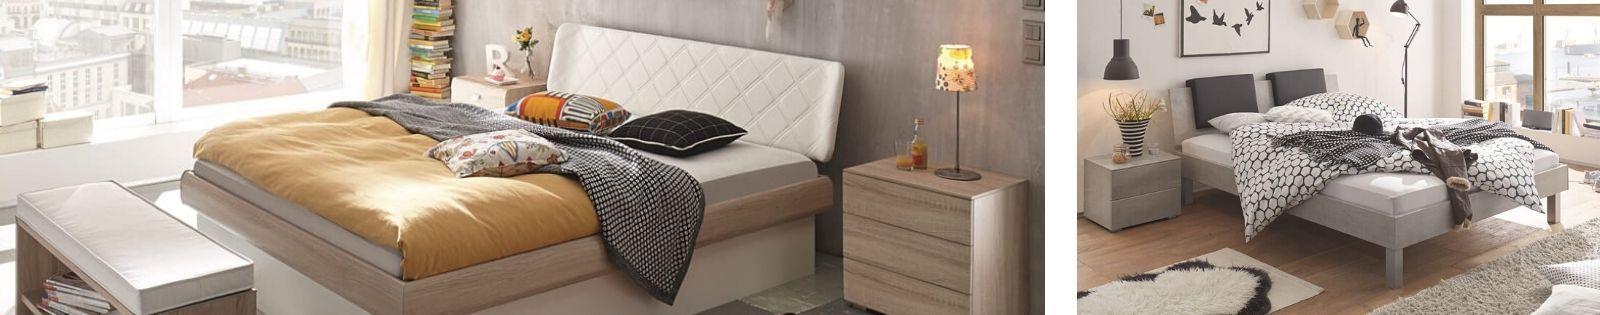 HASENA : GAMME SOFT LINE. Meubles haut de gamme pour votre chambre.